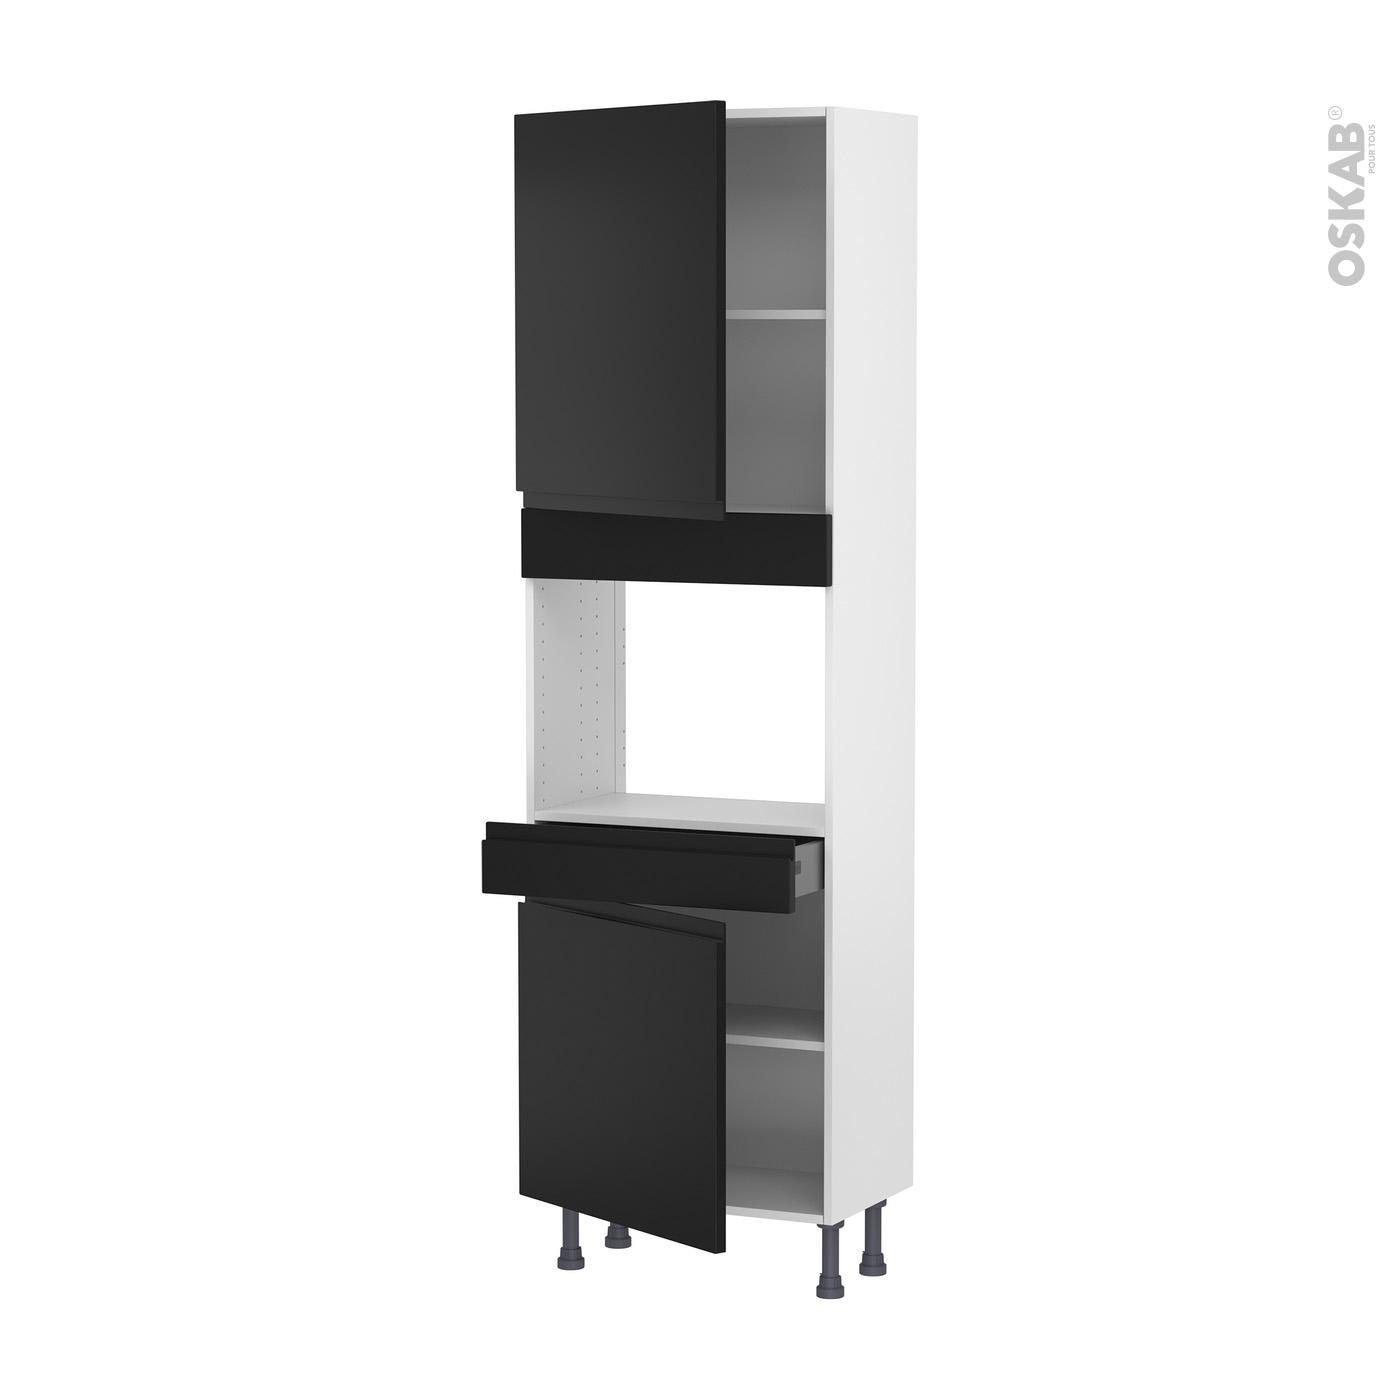 colonne de cuisine n 2156 four encastrable niche 45 ipoma noir mat 2 portes 1 tiroir l60 x h195 x p37 cm